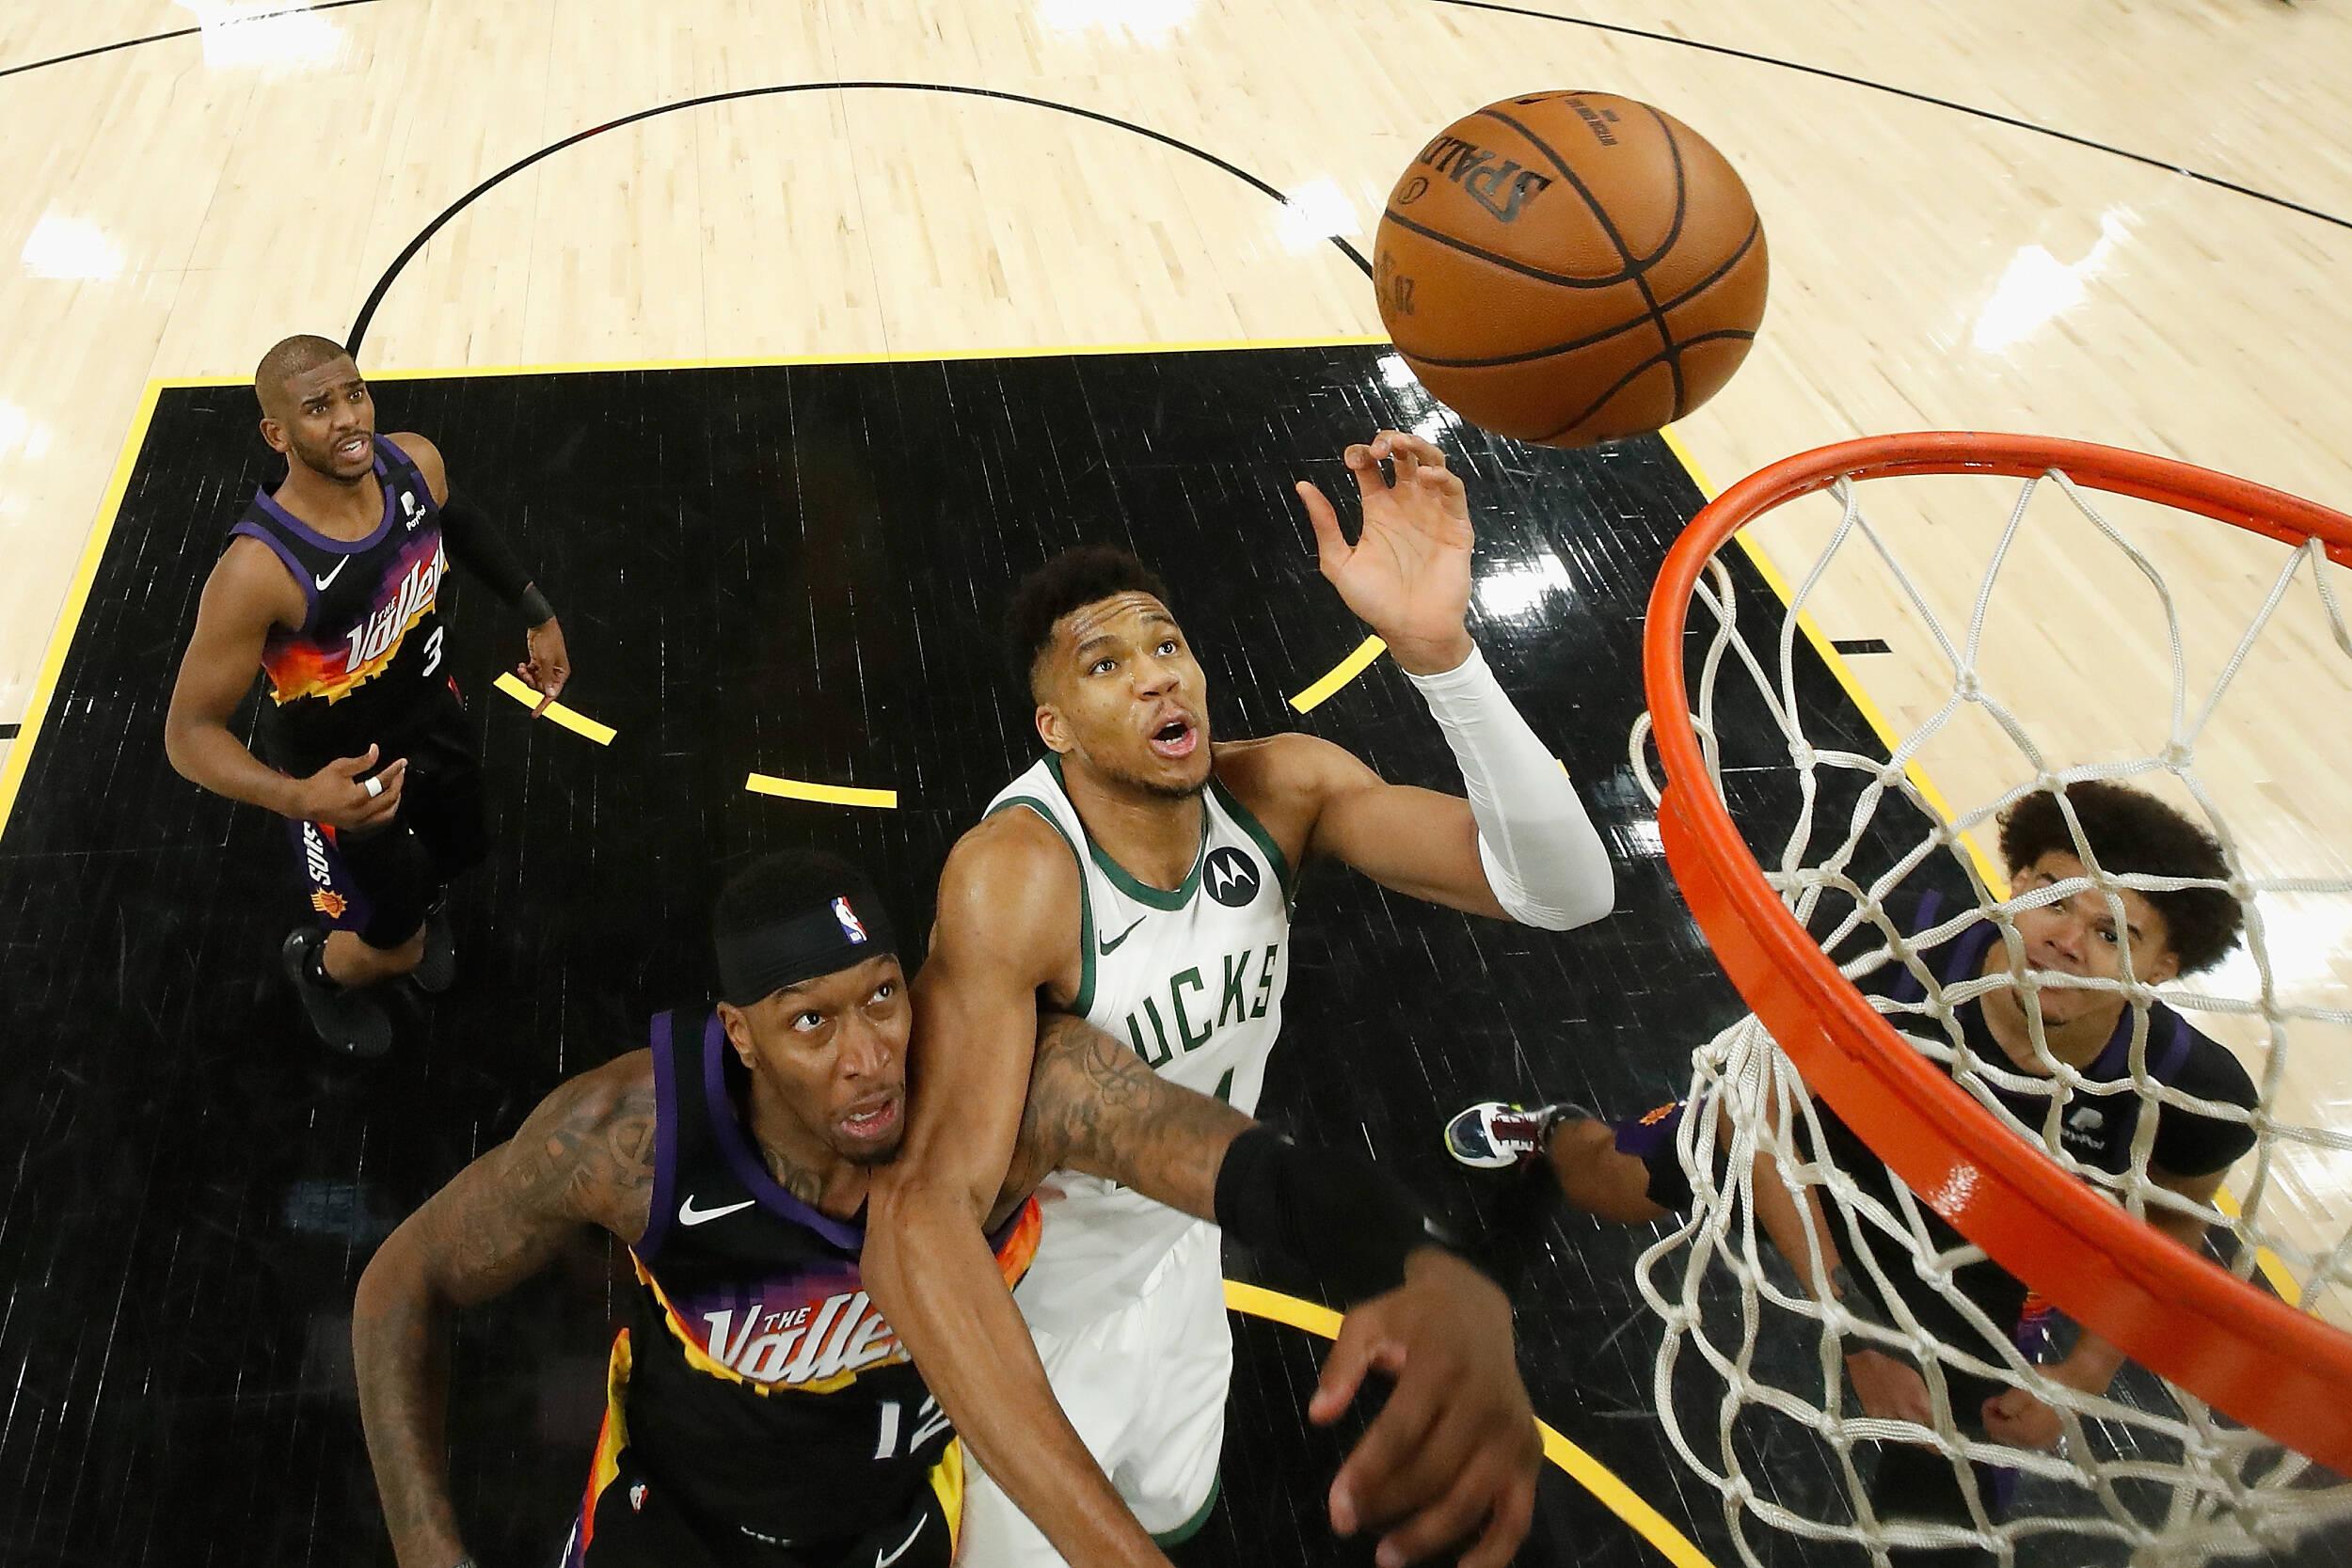 NBA总决赛打响!太阳118-105击败雄鹿迎总决开门红,山东电视体育频道19点20准时播出